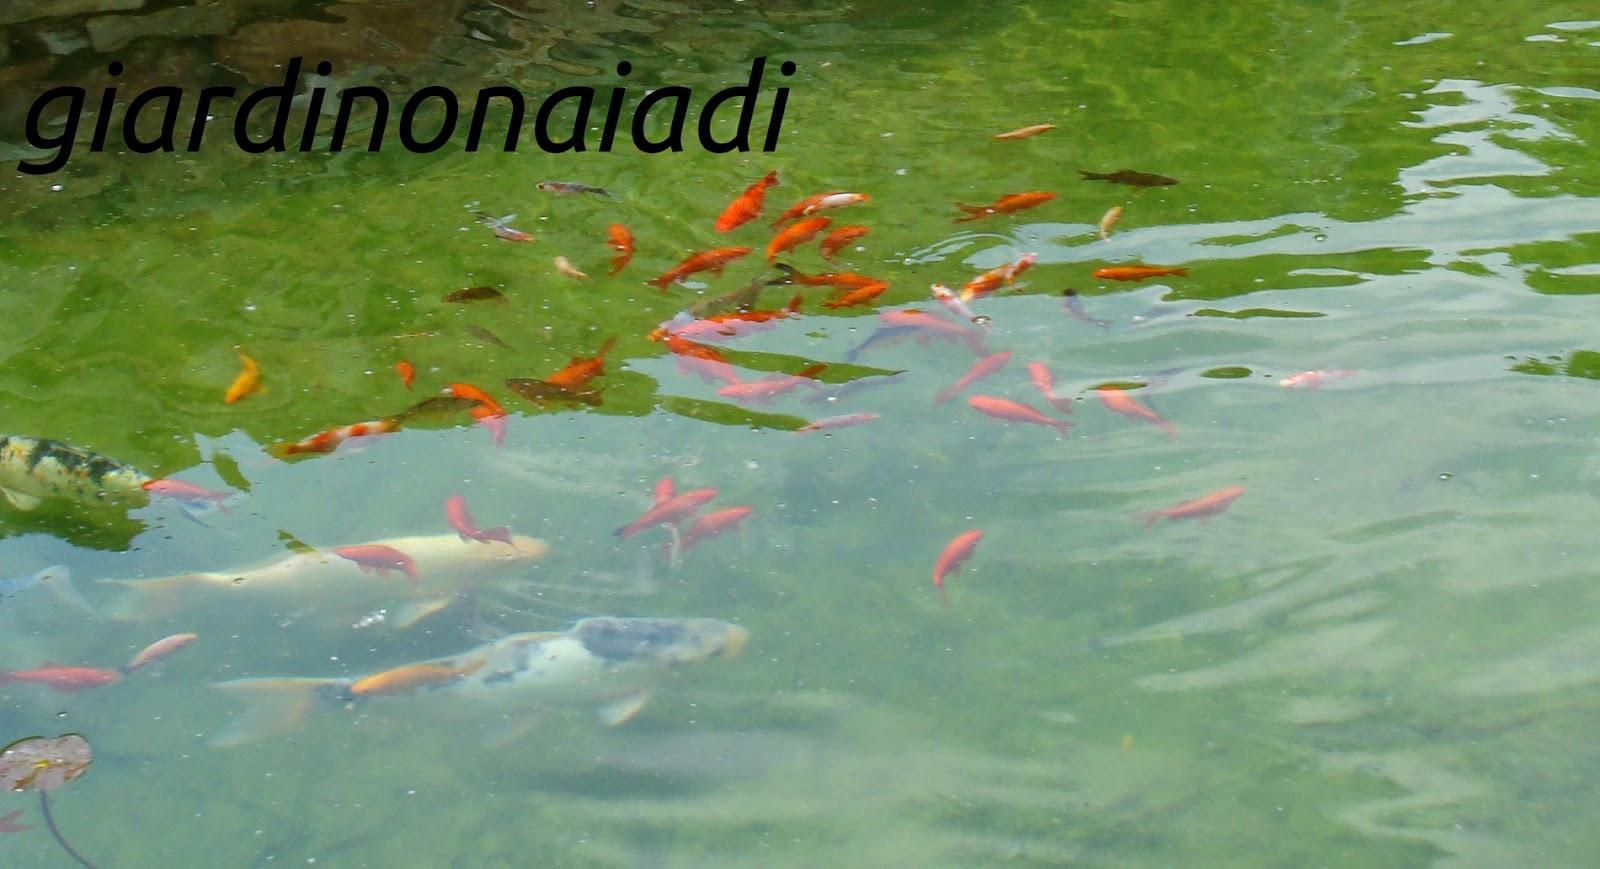 Il giardino delle naiadi aprile pulizie nel laghetto for Laghetto acqua verde